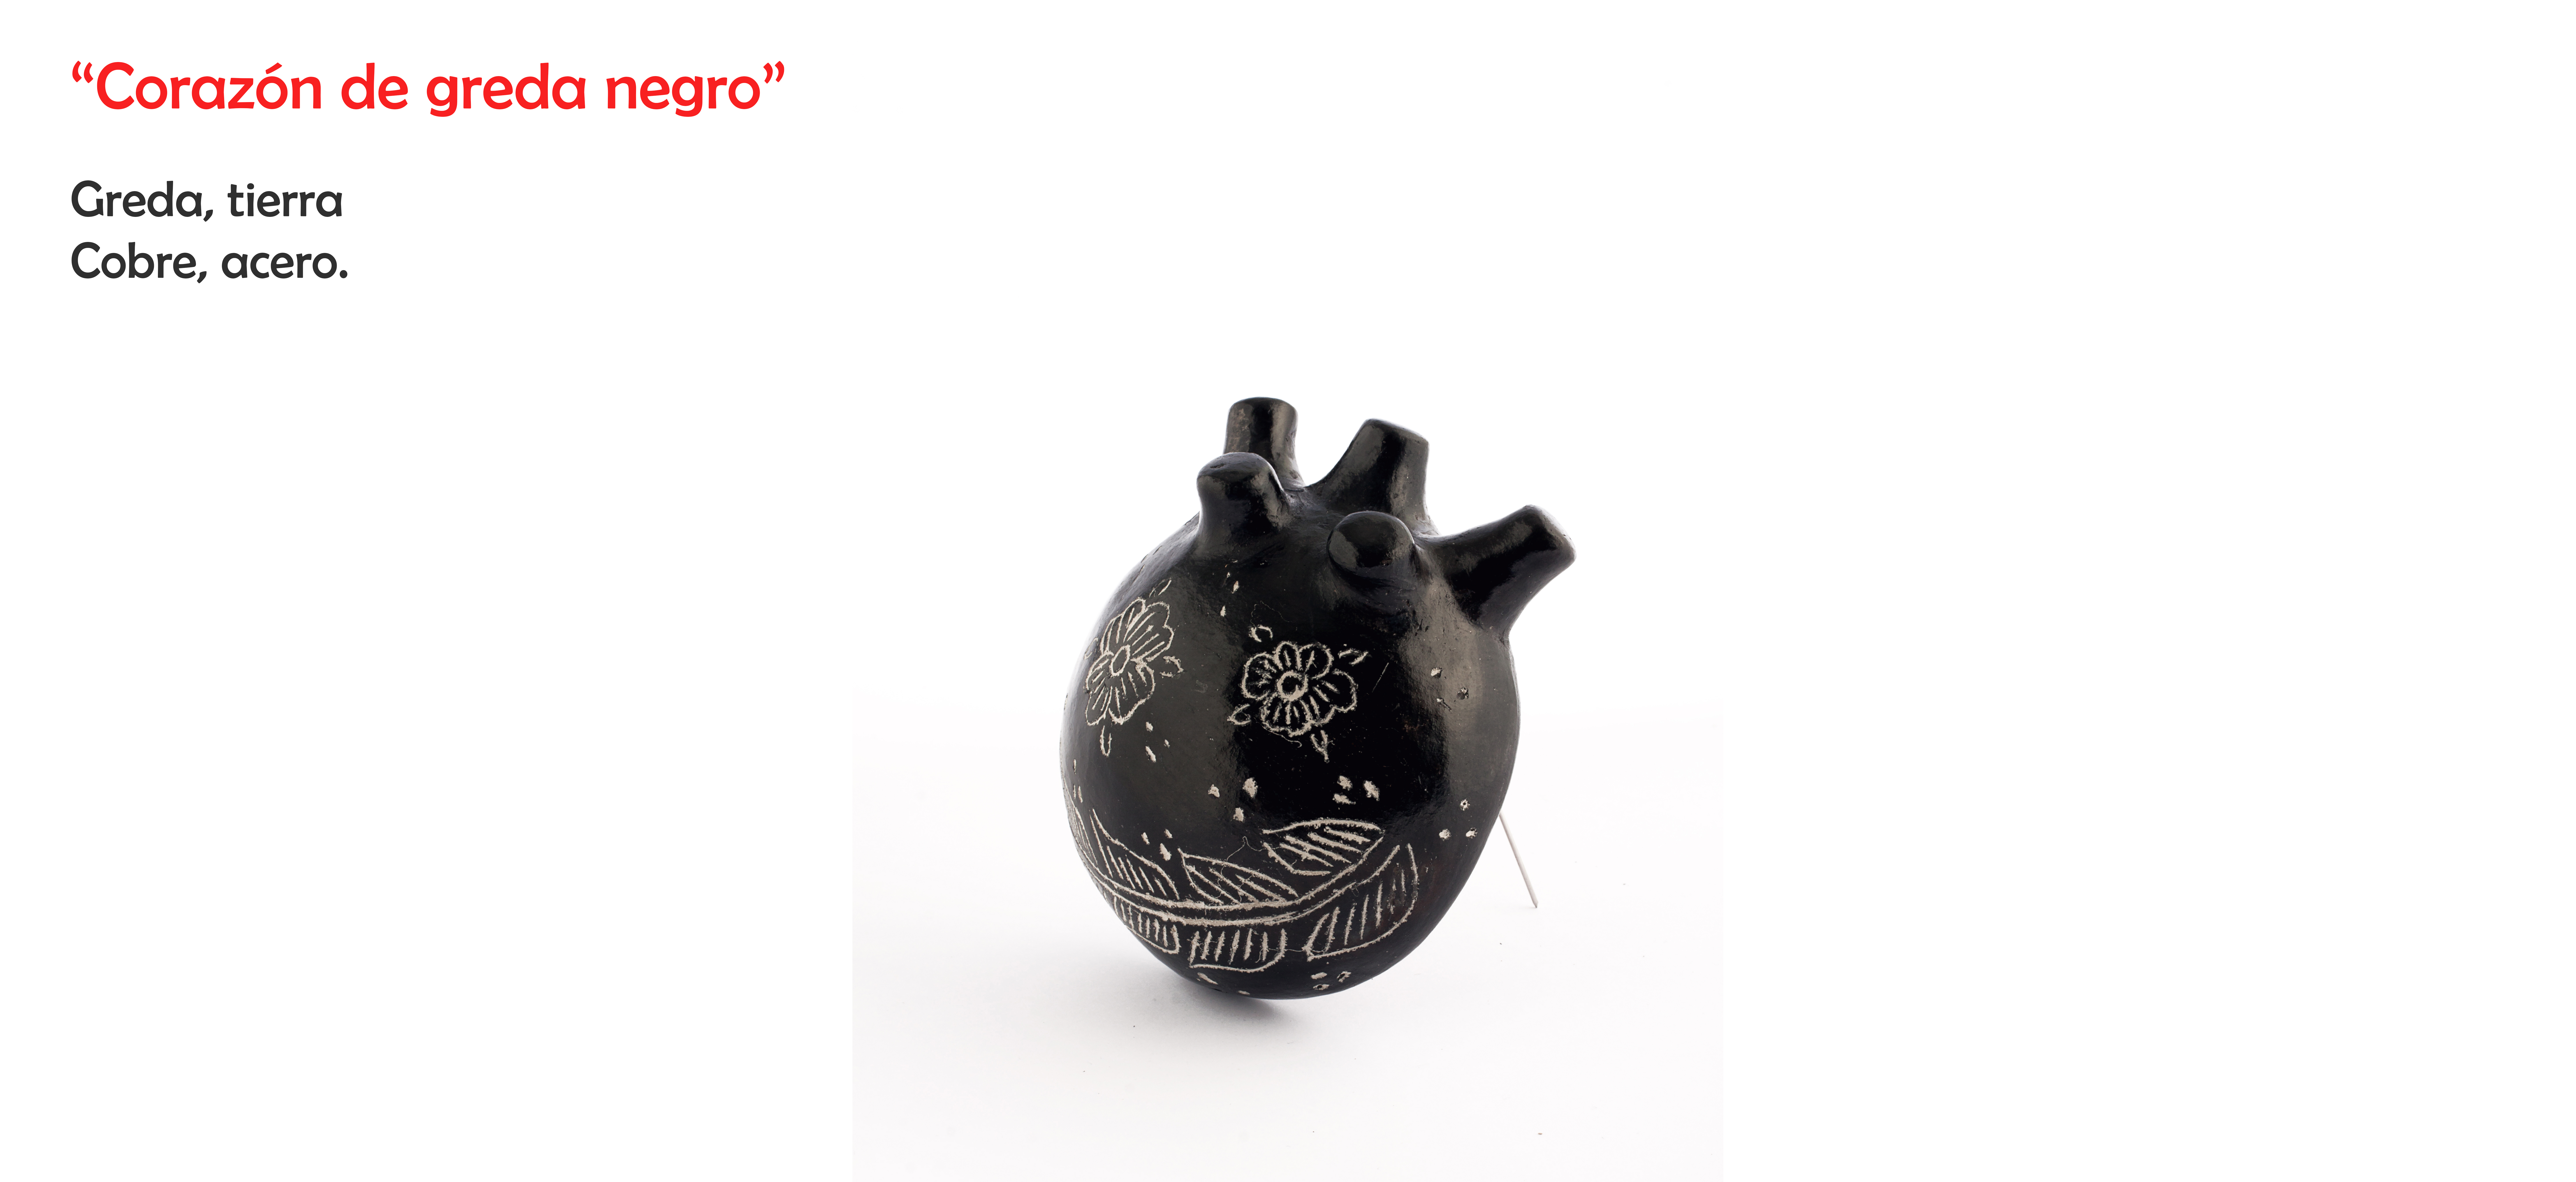 Corazón_de_greda_negro_2